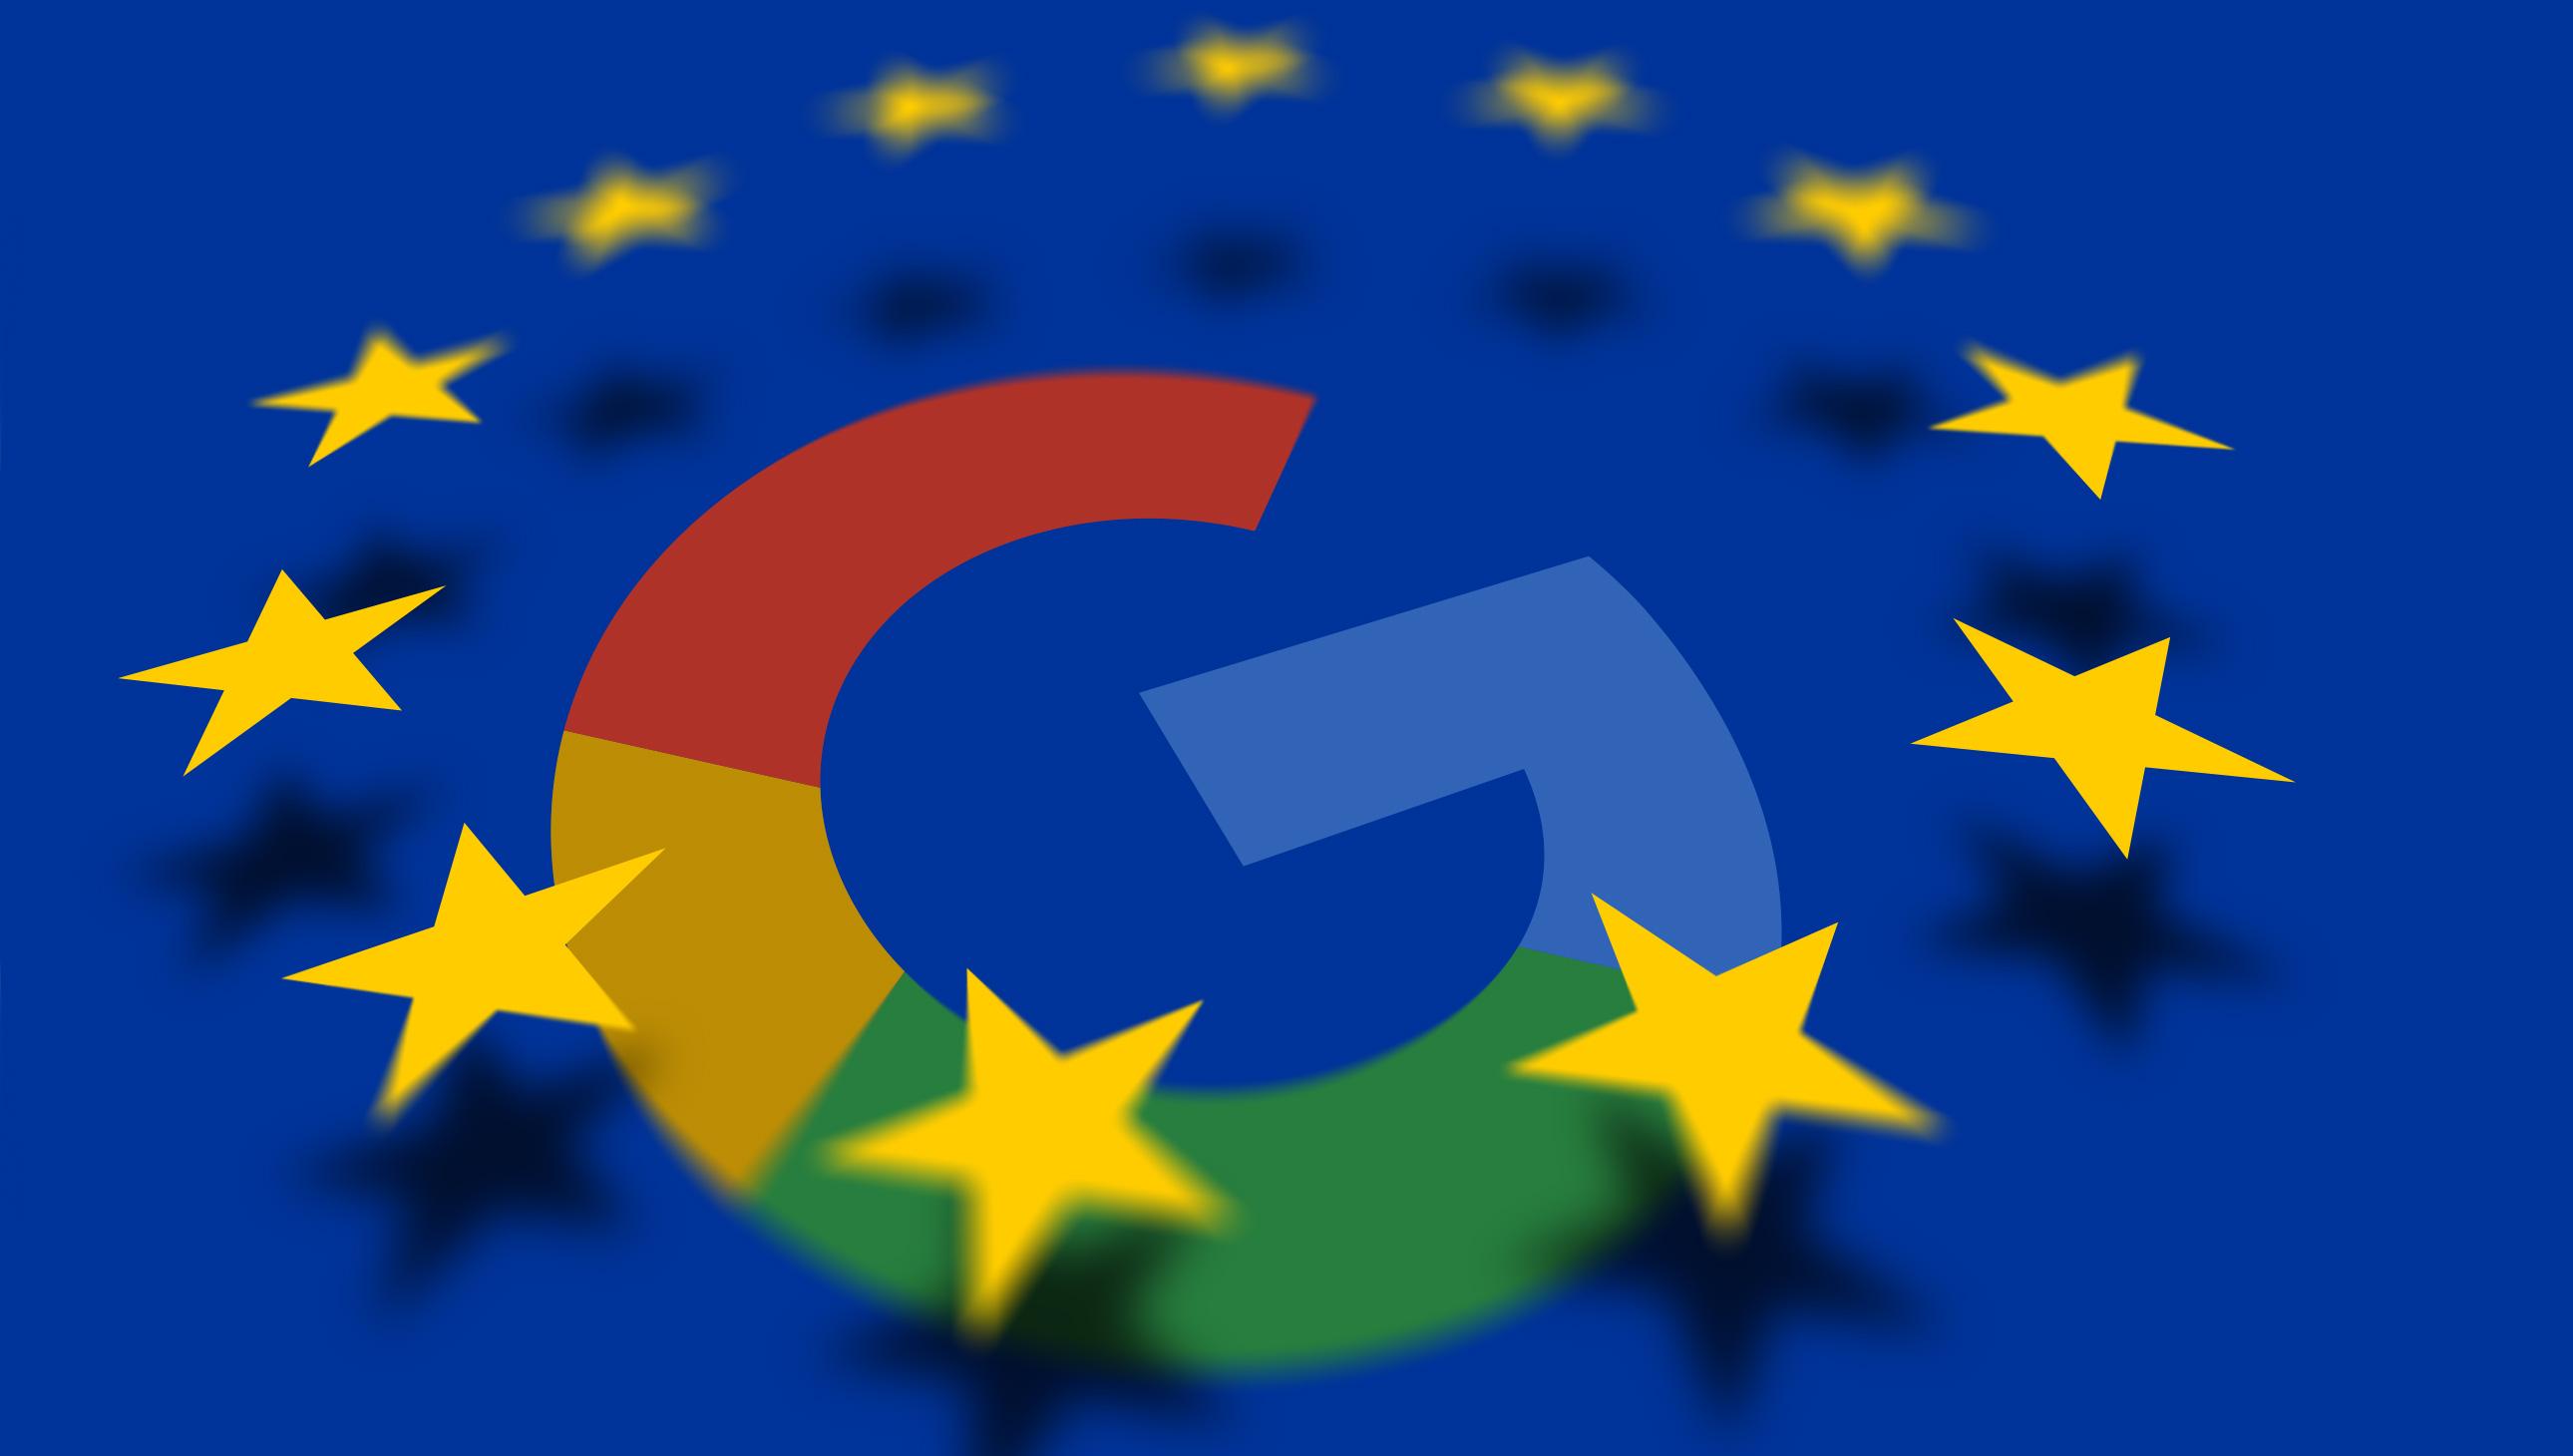 La multa a Google: le accuse, la difesa e la guerra commerciale Usa-Ue